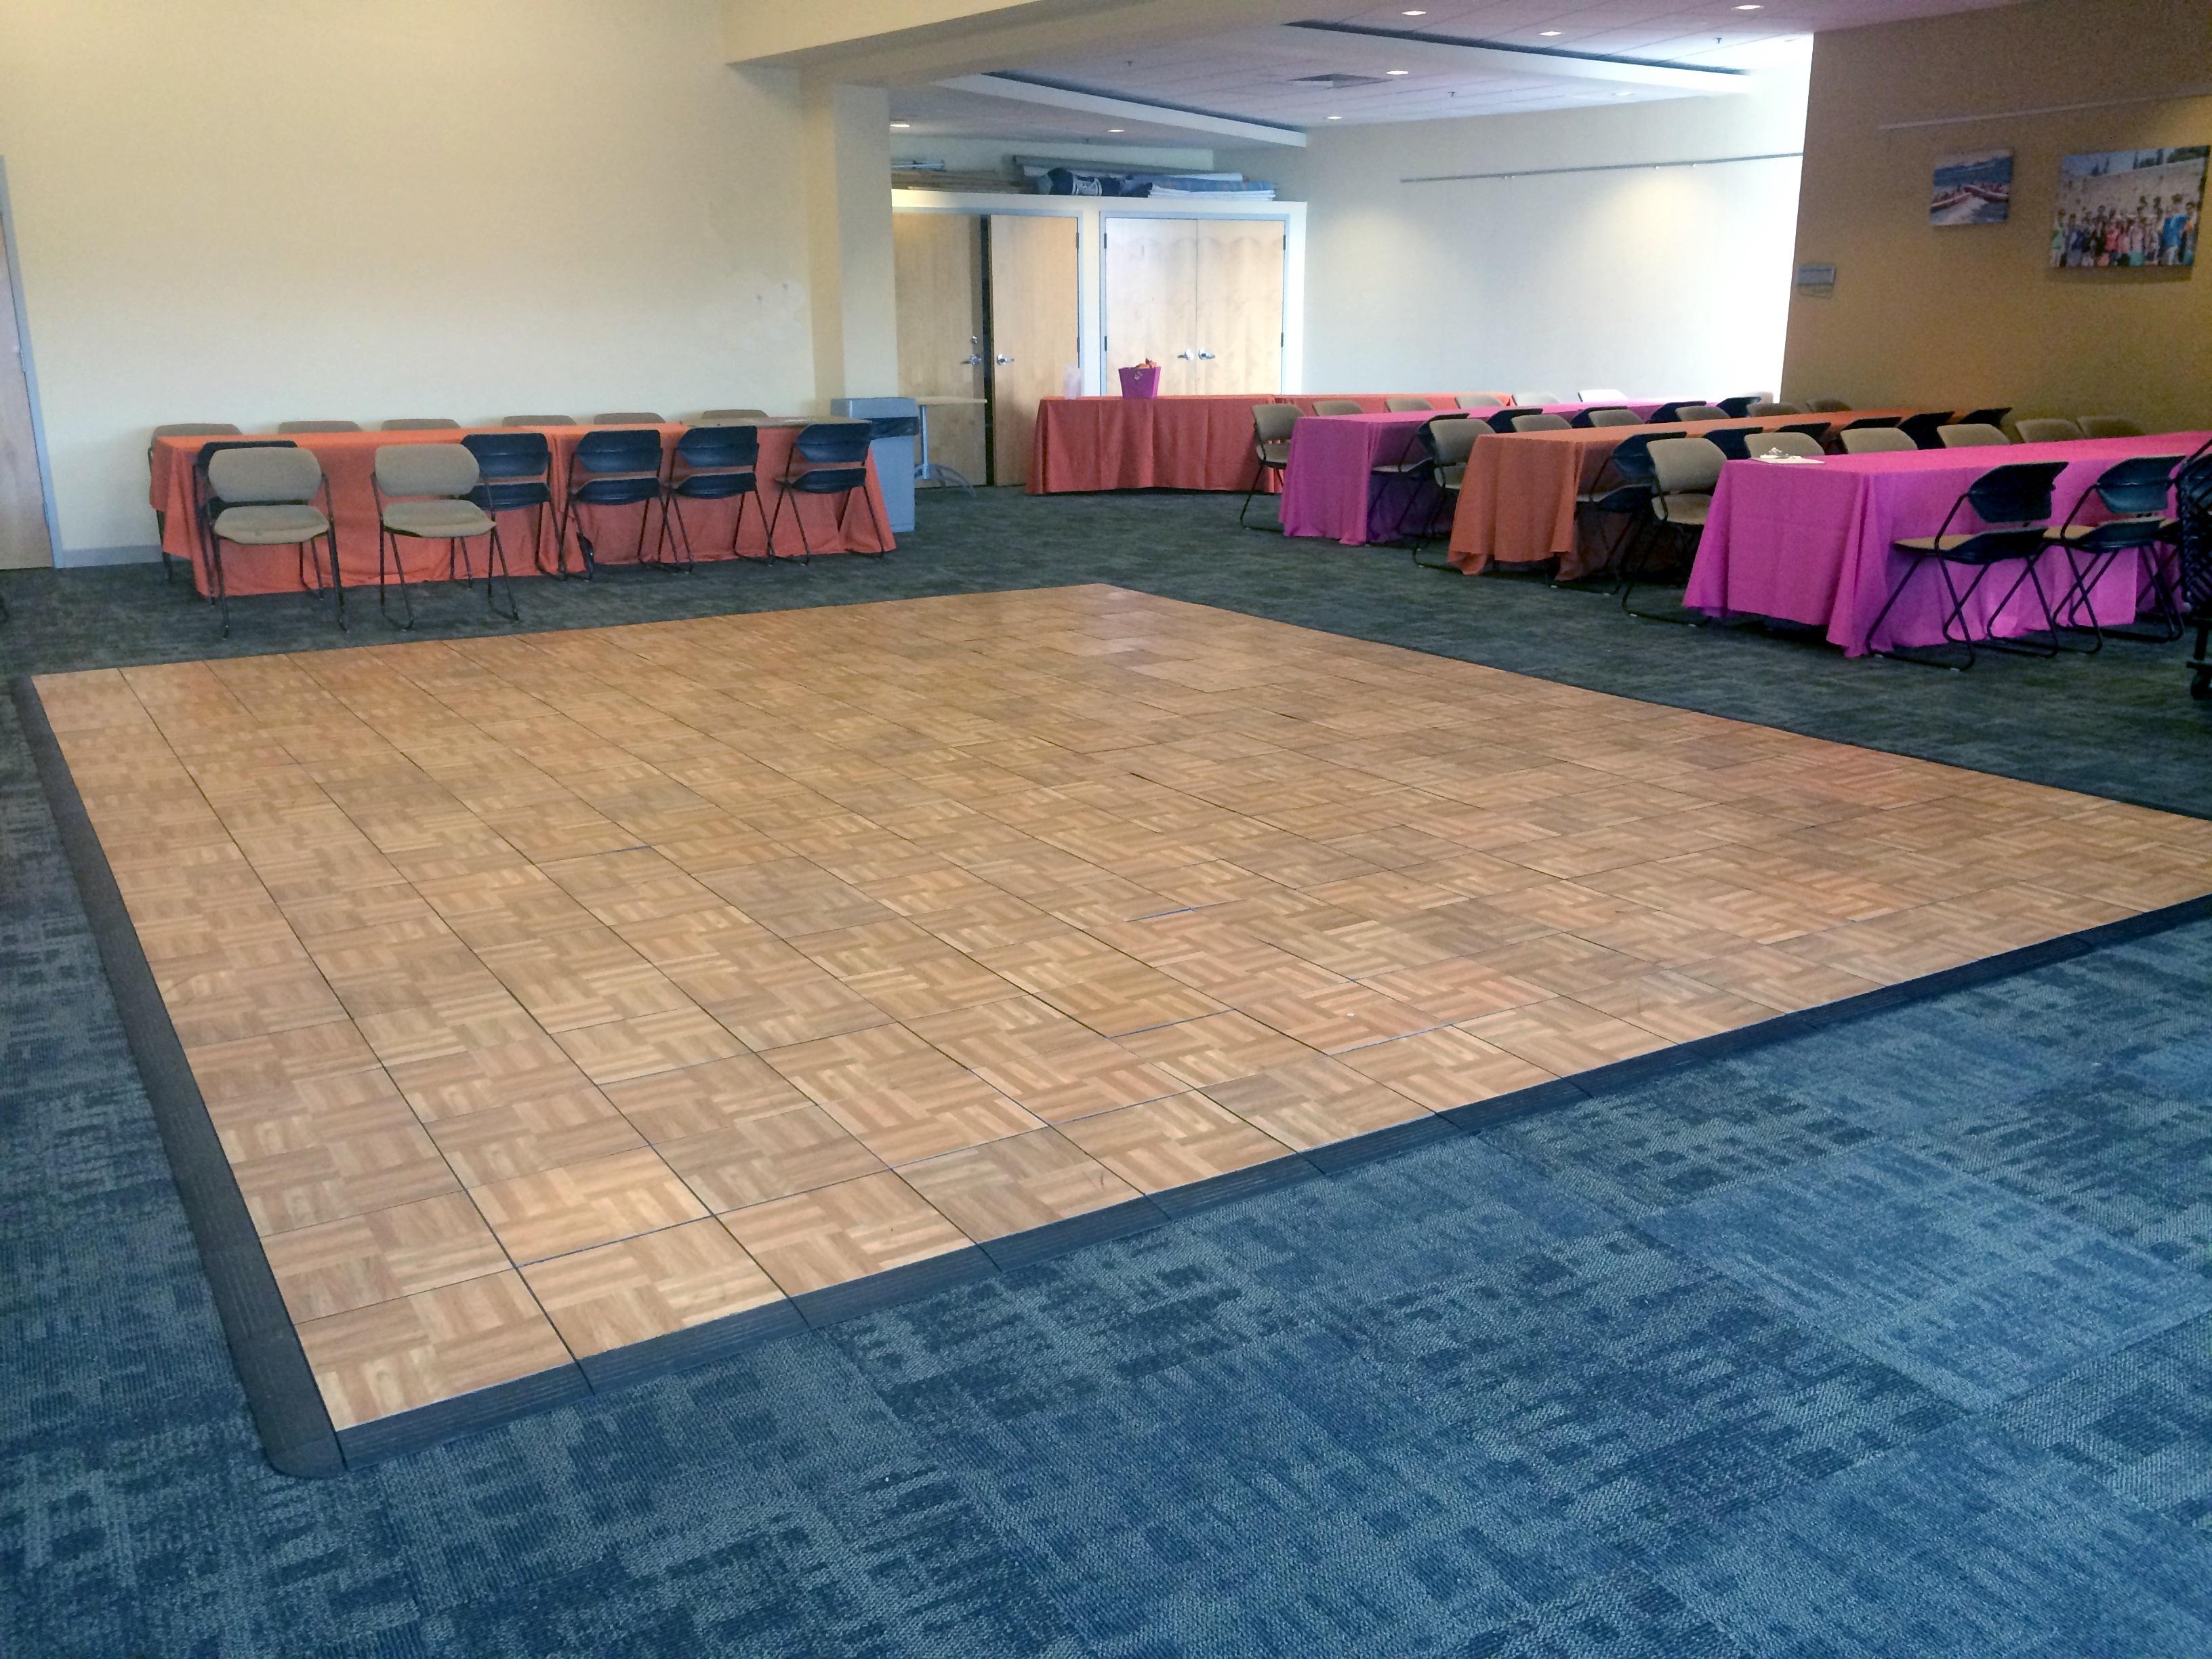 Dance Floor Rentals For Weddings Amp Events General Rental